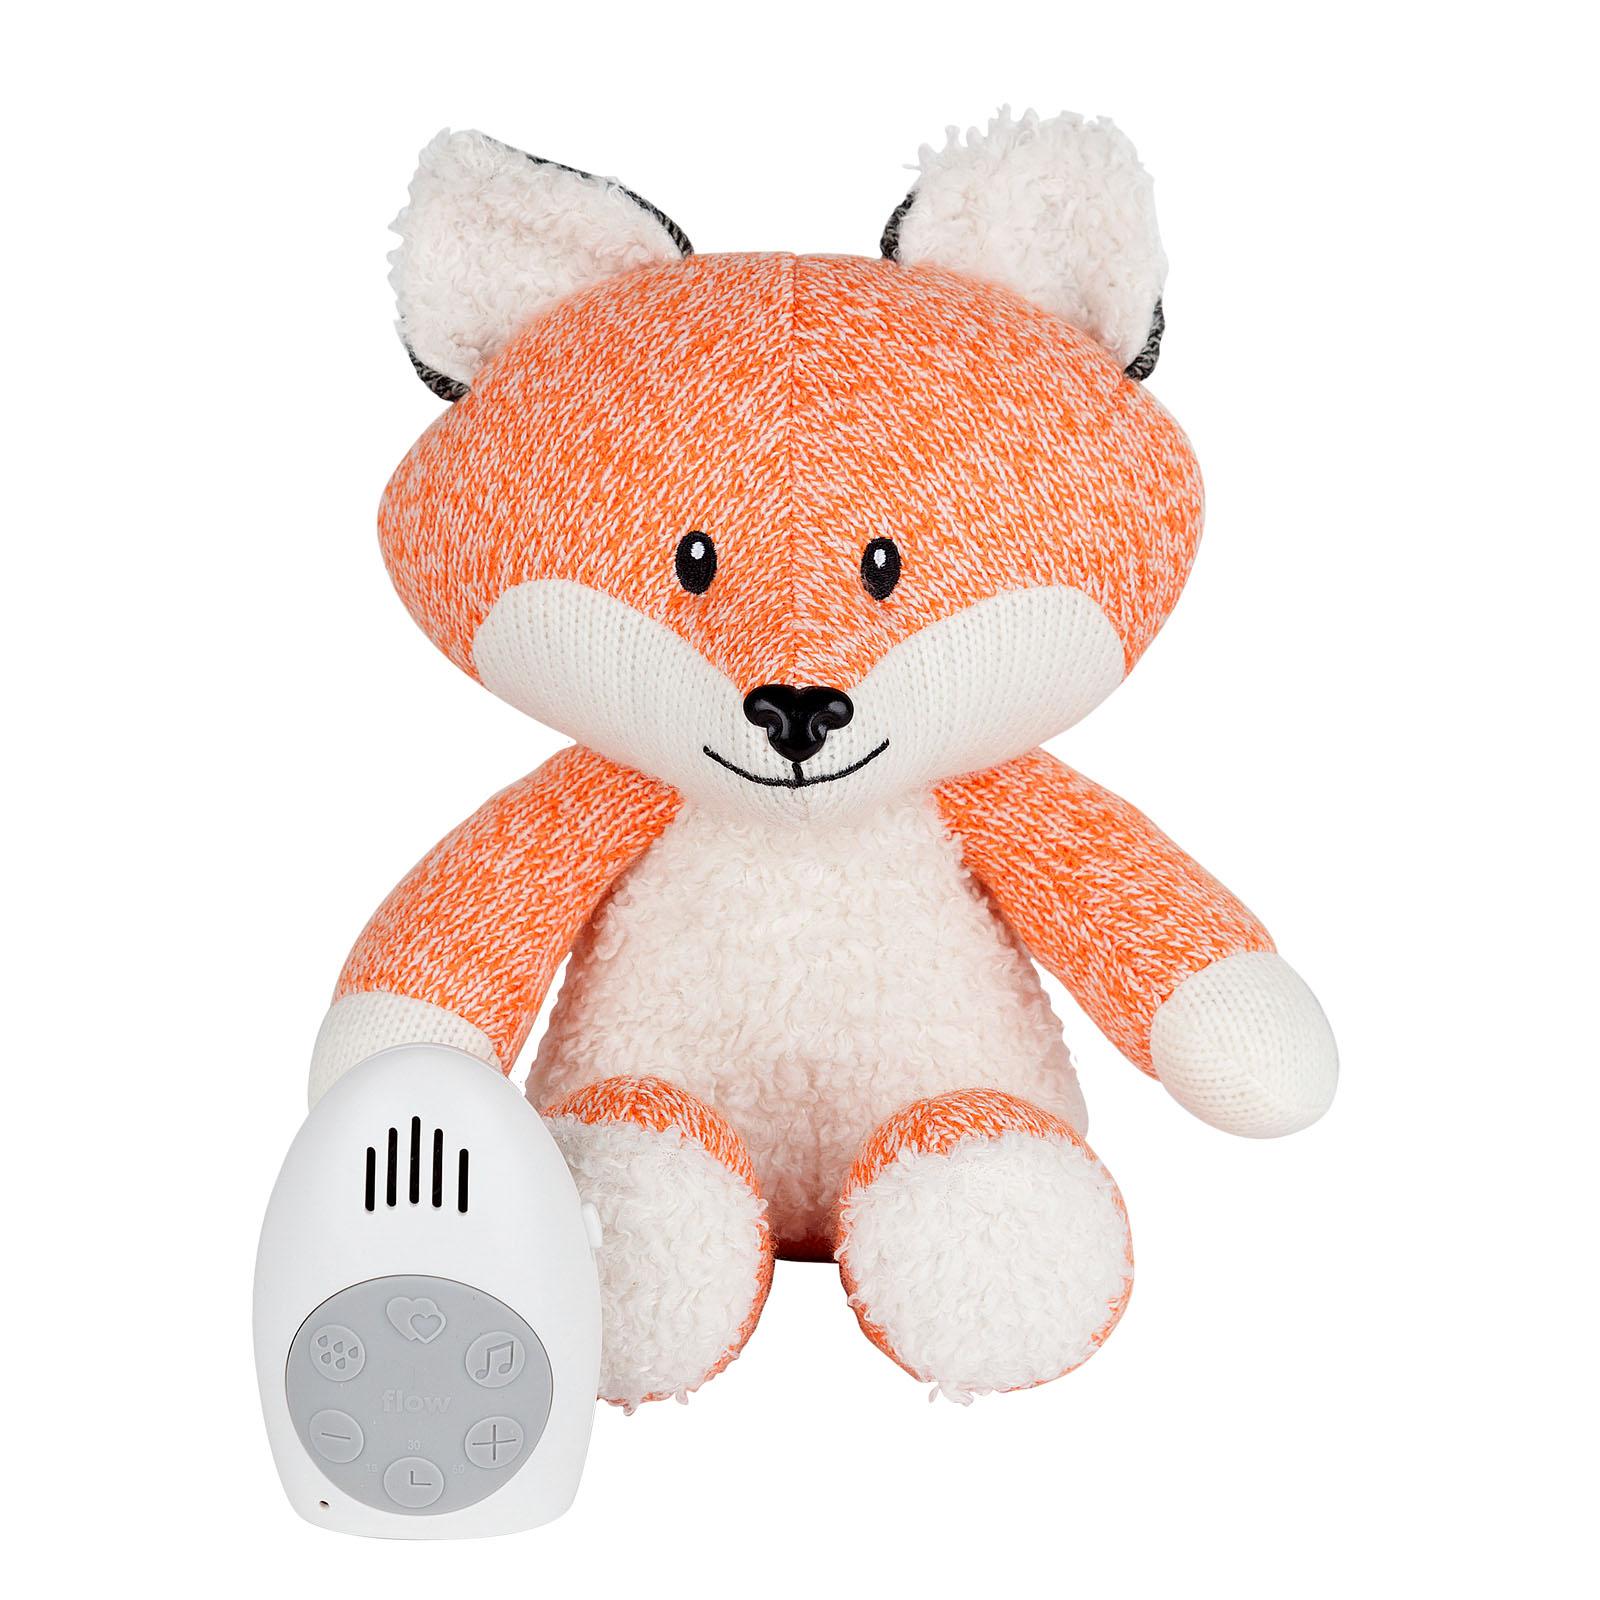 Einschlafhilfe Stofftier Plüschtier mit Comforter Spieluhr Fuchs Robin orange 17 cm